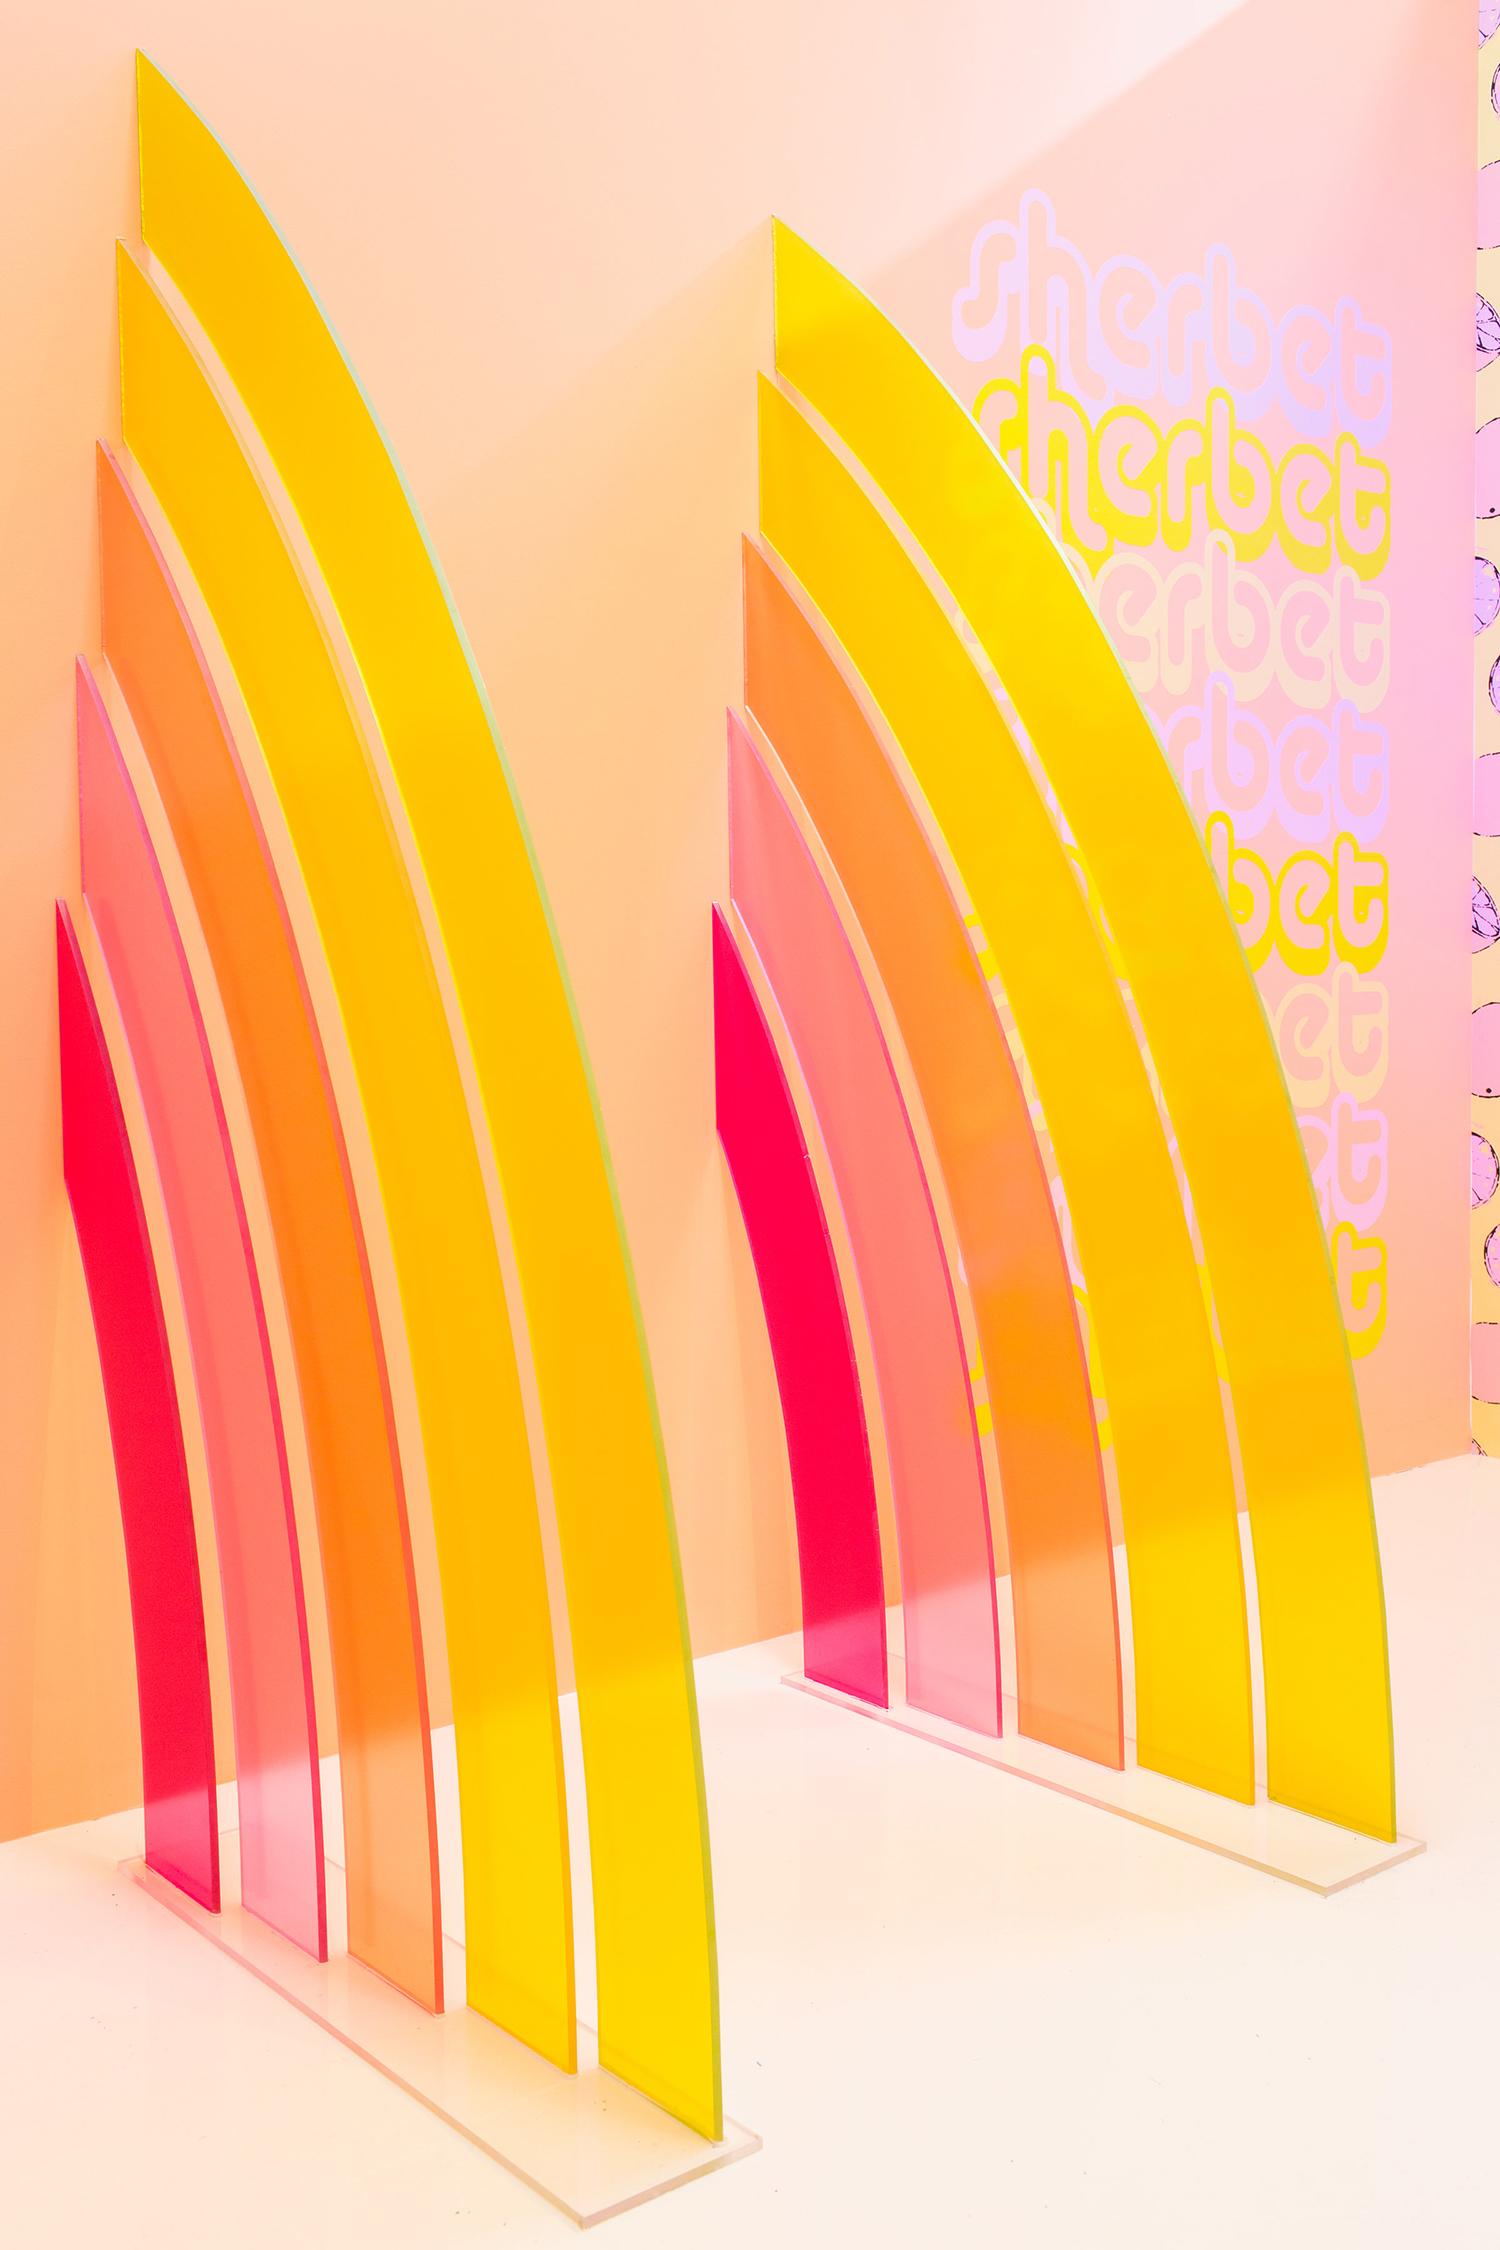 Museum of Ice Cream sorbet rainbows